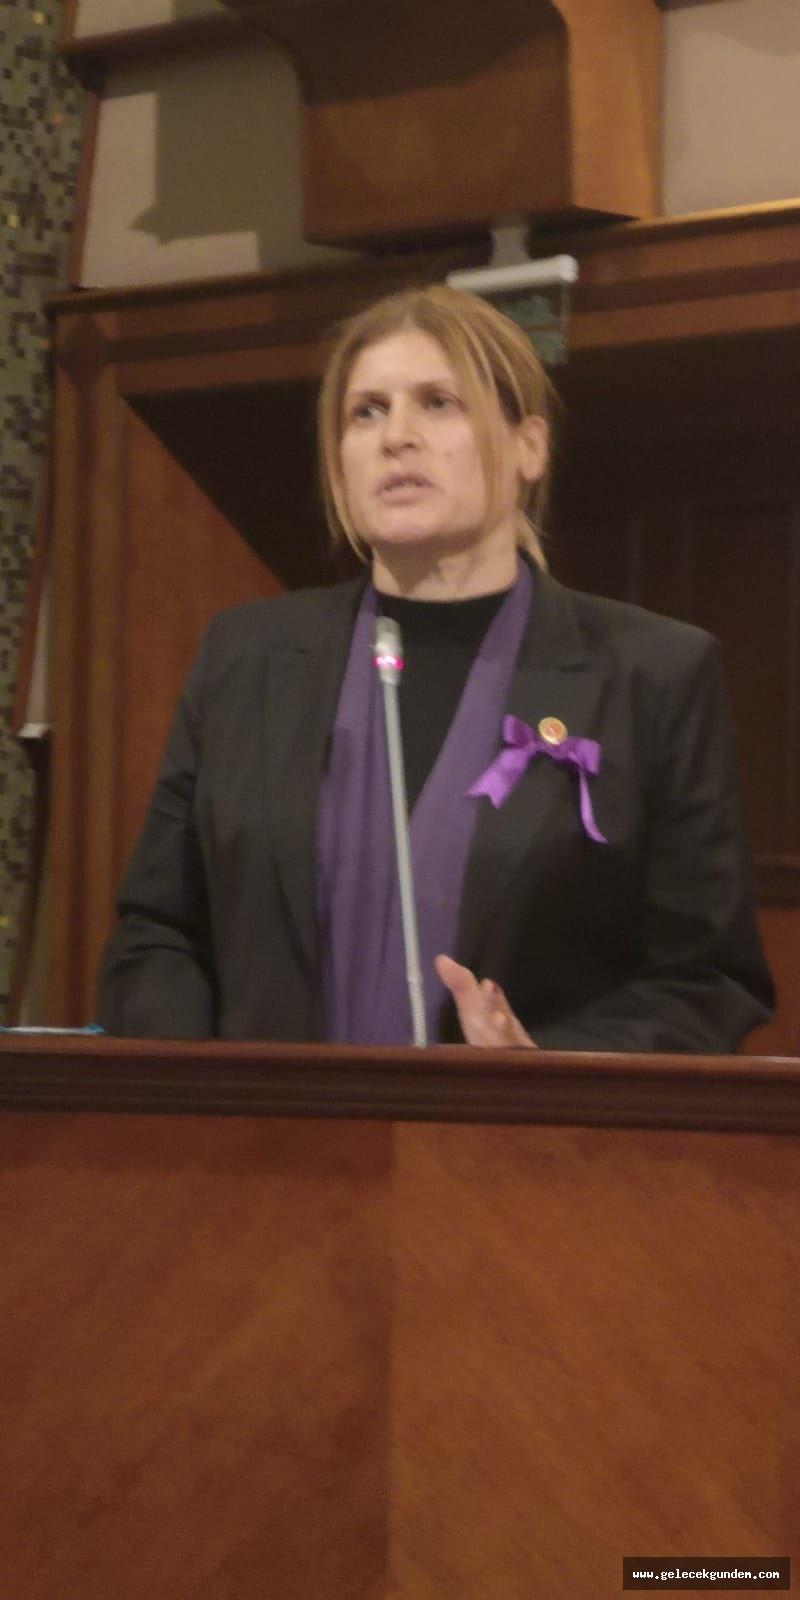 İBB BAKIRKÖY MECLİS ÜYESİ EMEL TIĞLI'ÇOCUKLAR VE KADINLAR MAĞDUR OLUYOR HER ZAMAN'